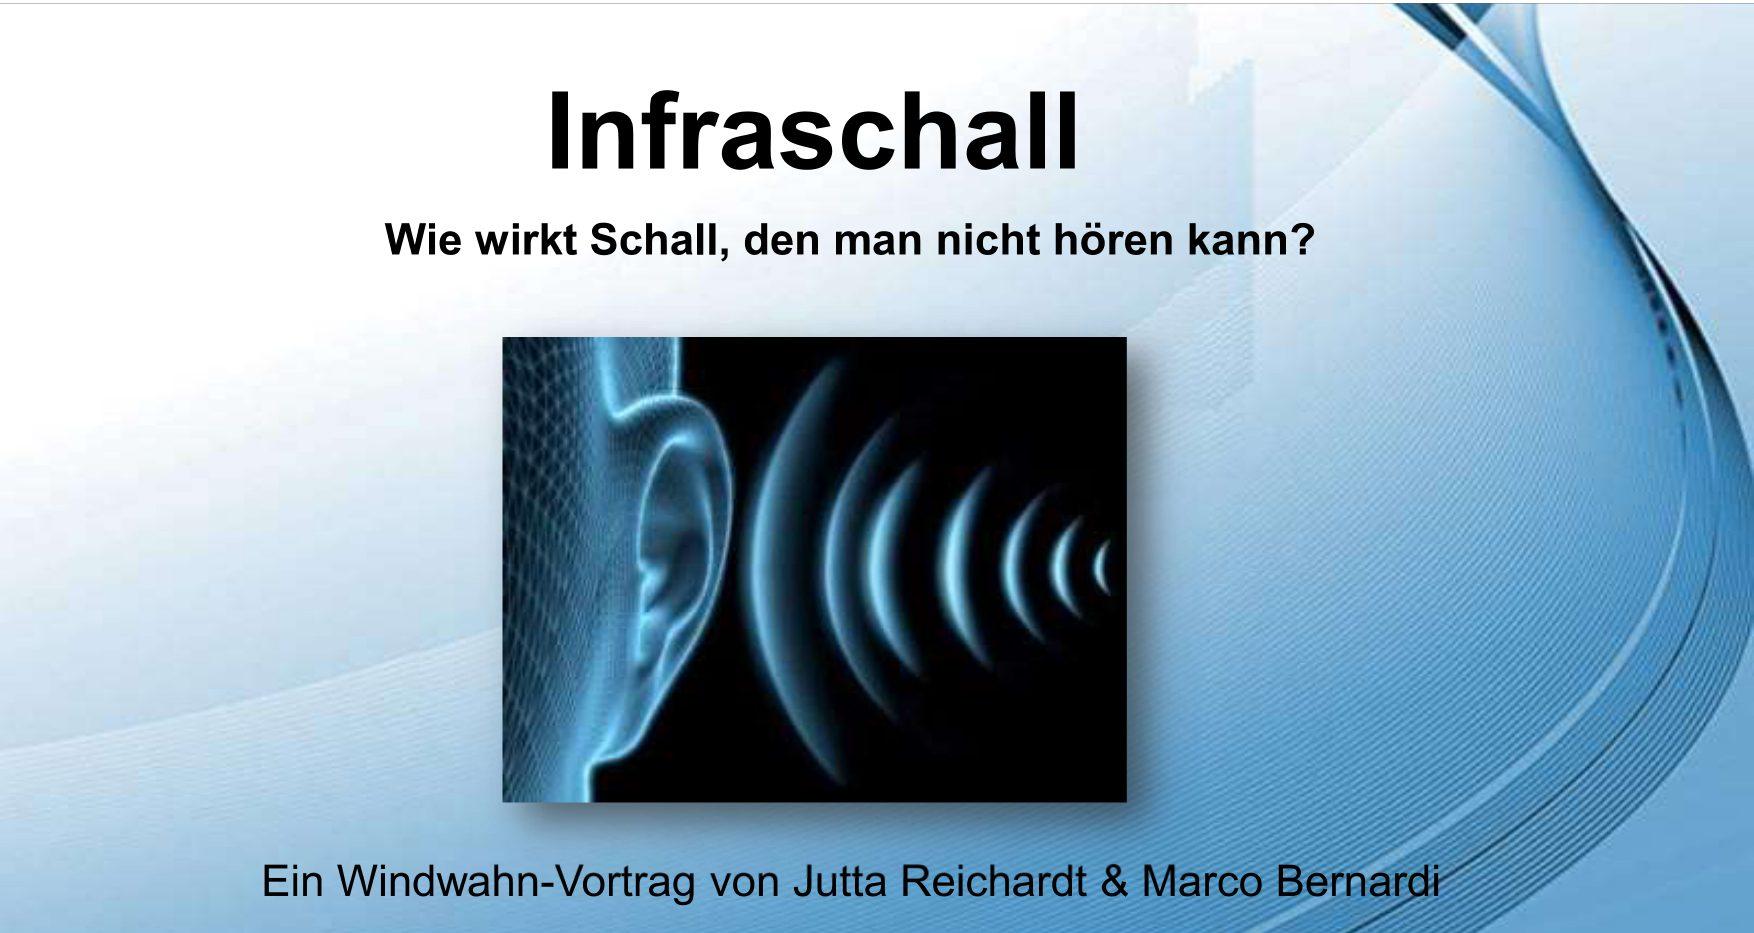 Infraschall Vortrag 1